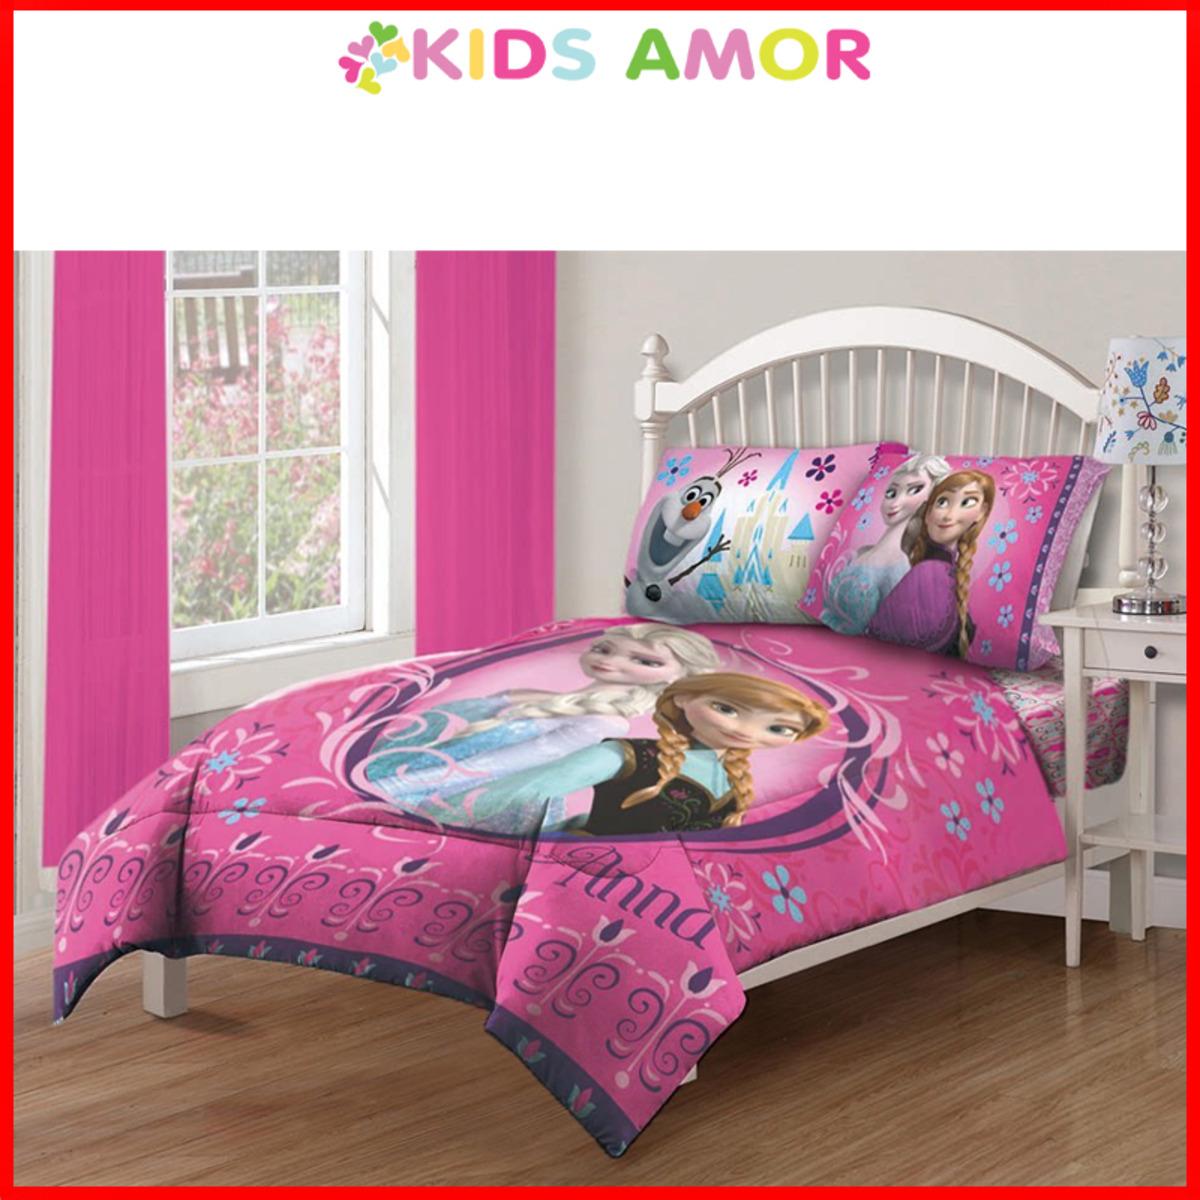 期間限定!迪士尼魔雪奇緣床笠+冷氣被+枕頭套 - 單人尺寸